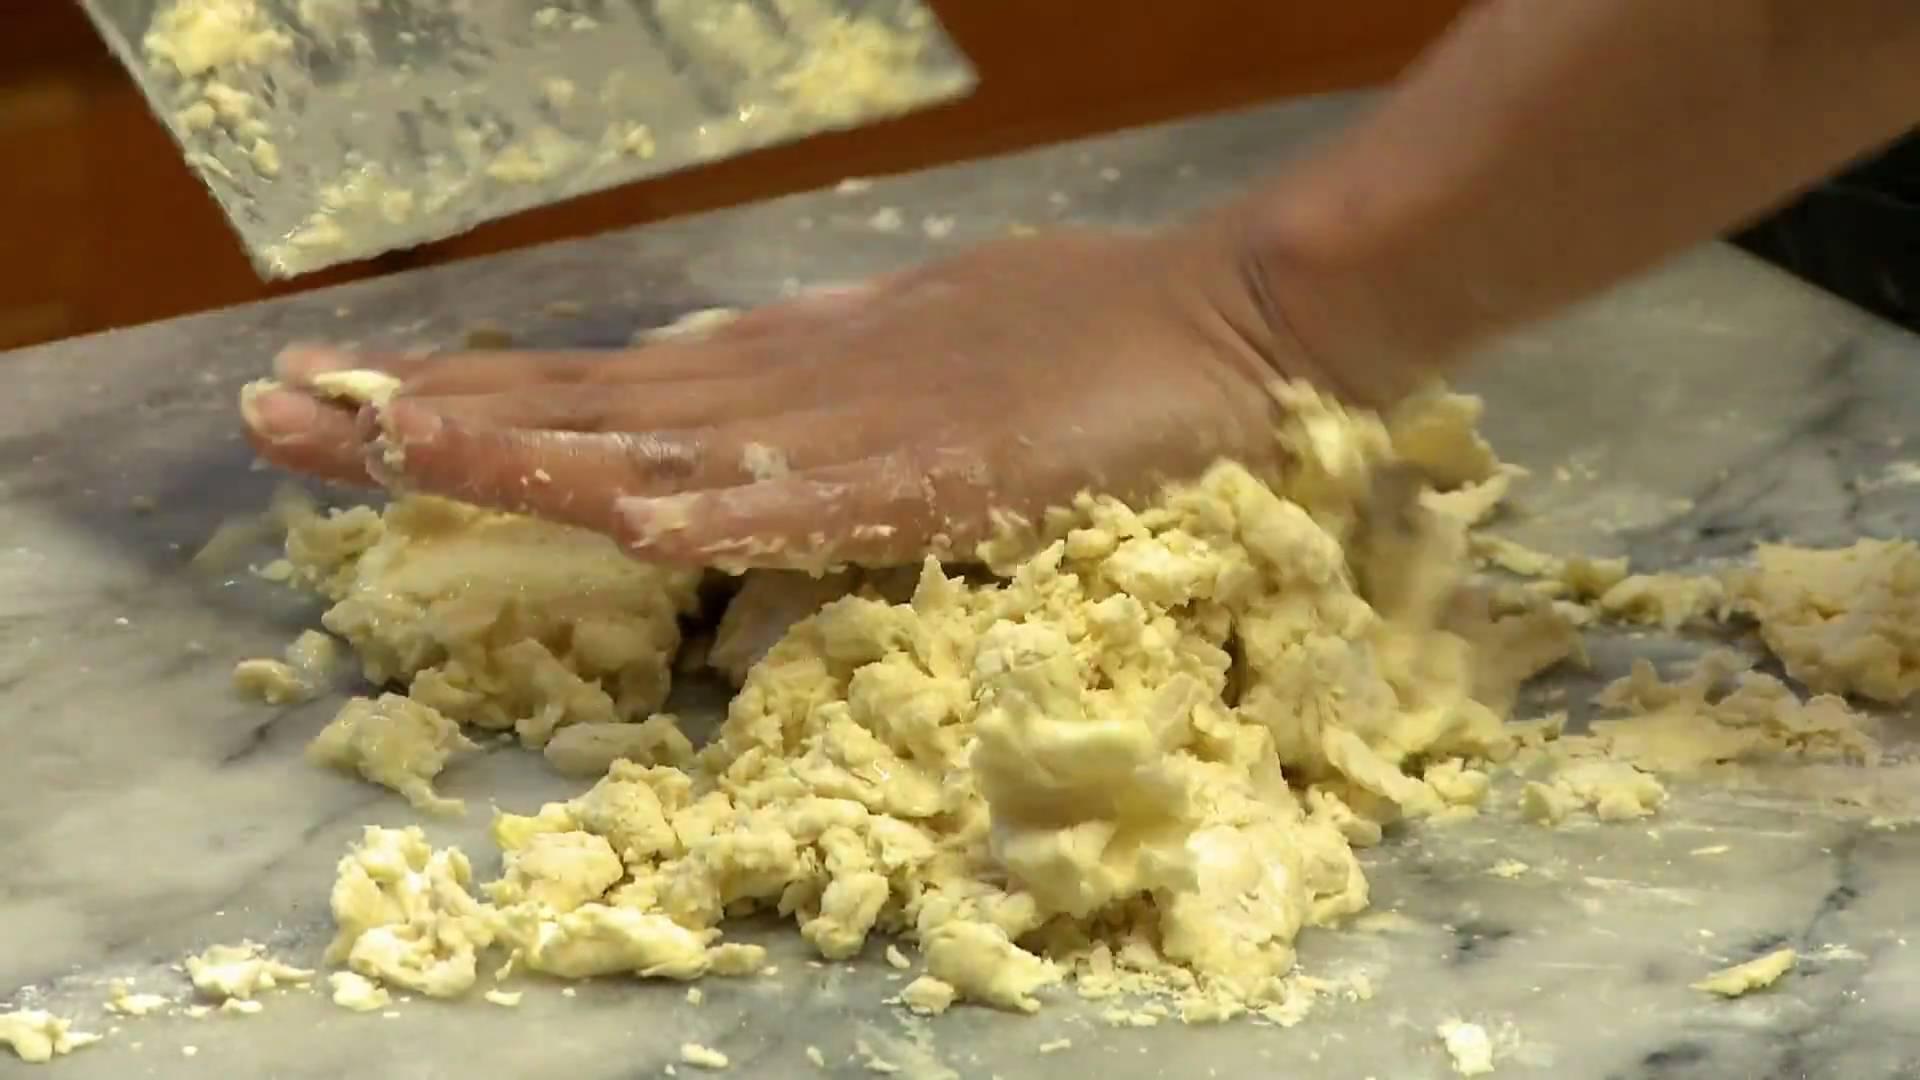 The Foodie Handbook: Making a Rustic Fruit Galette